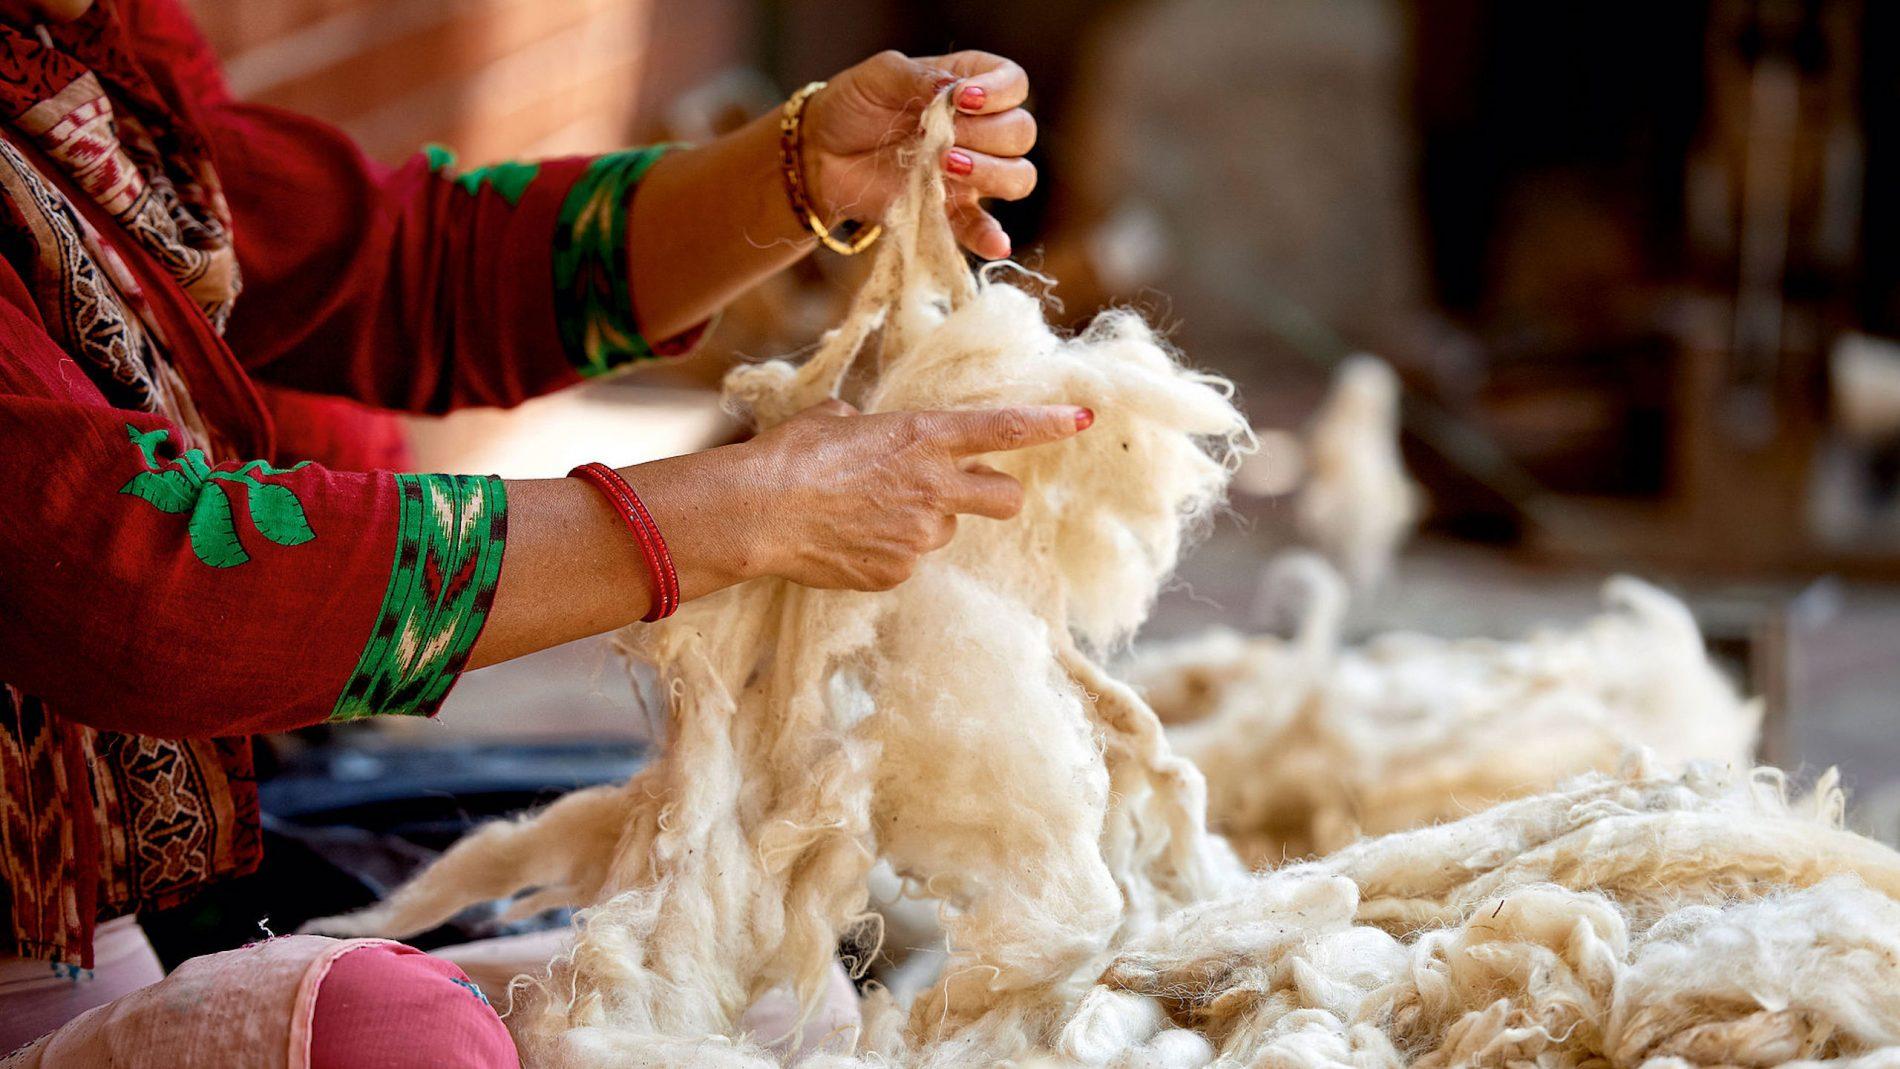 Knüpferin in rotem Kleid bereitet eine große Menge an Wolle für die Produktion vor